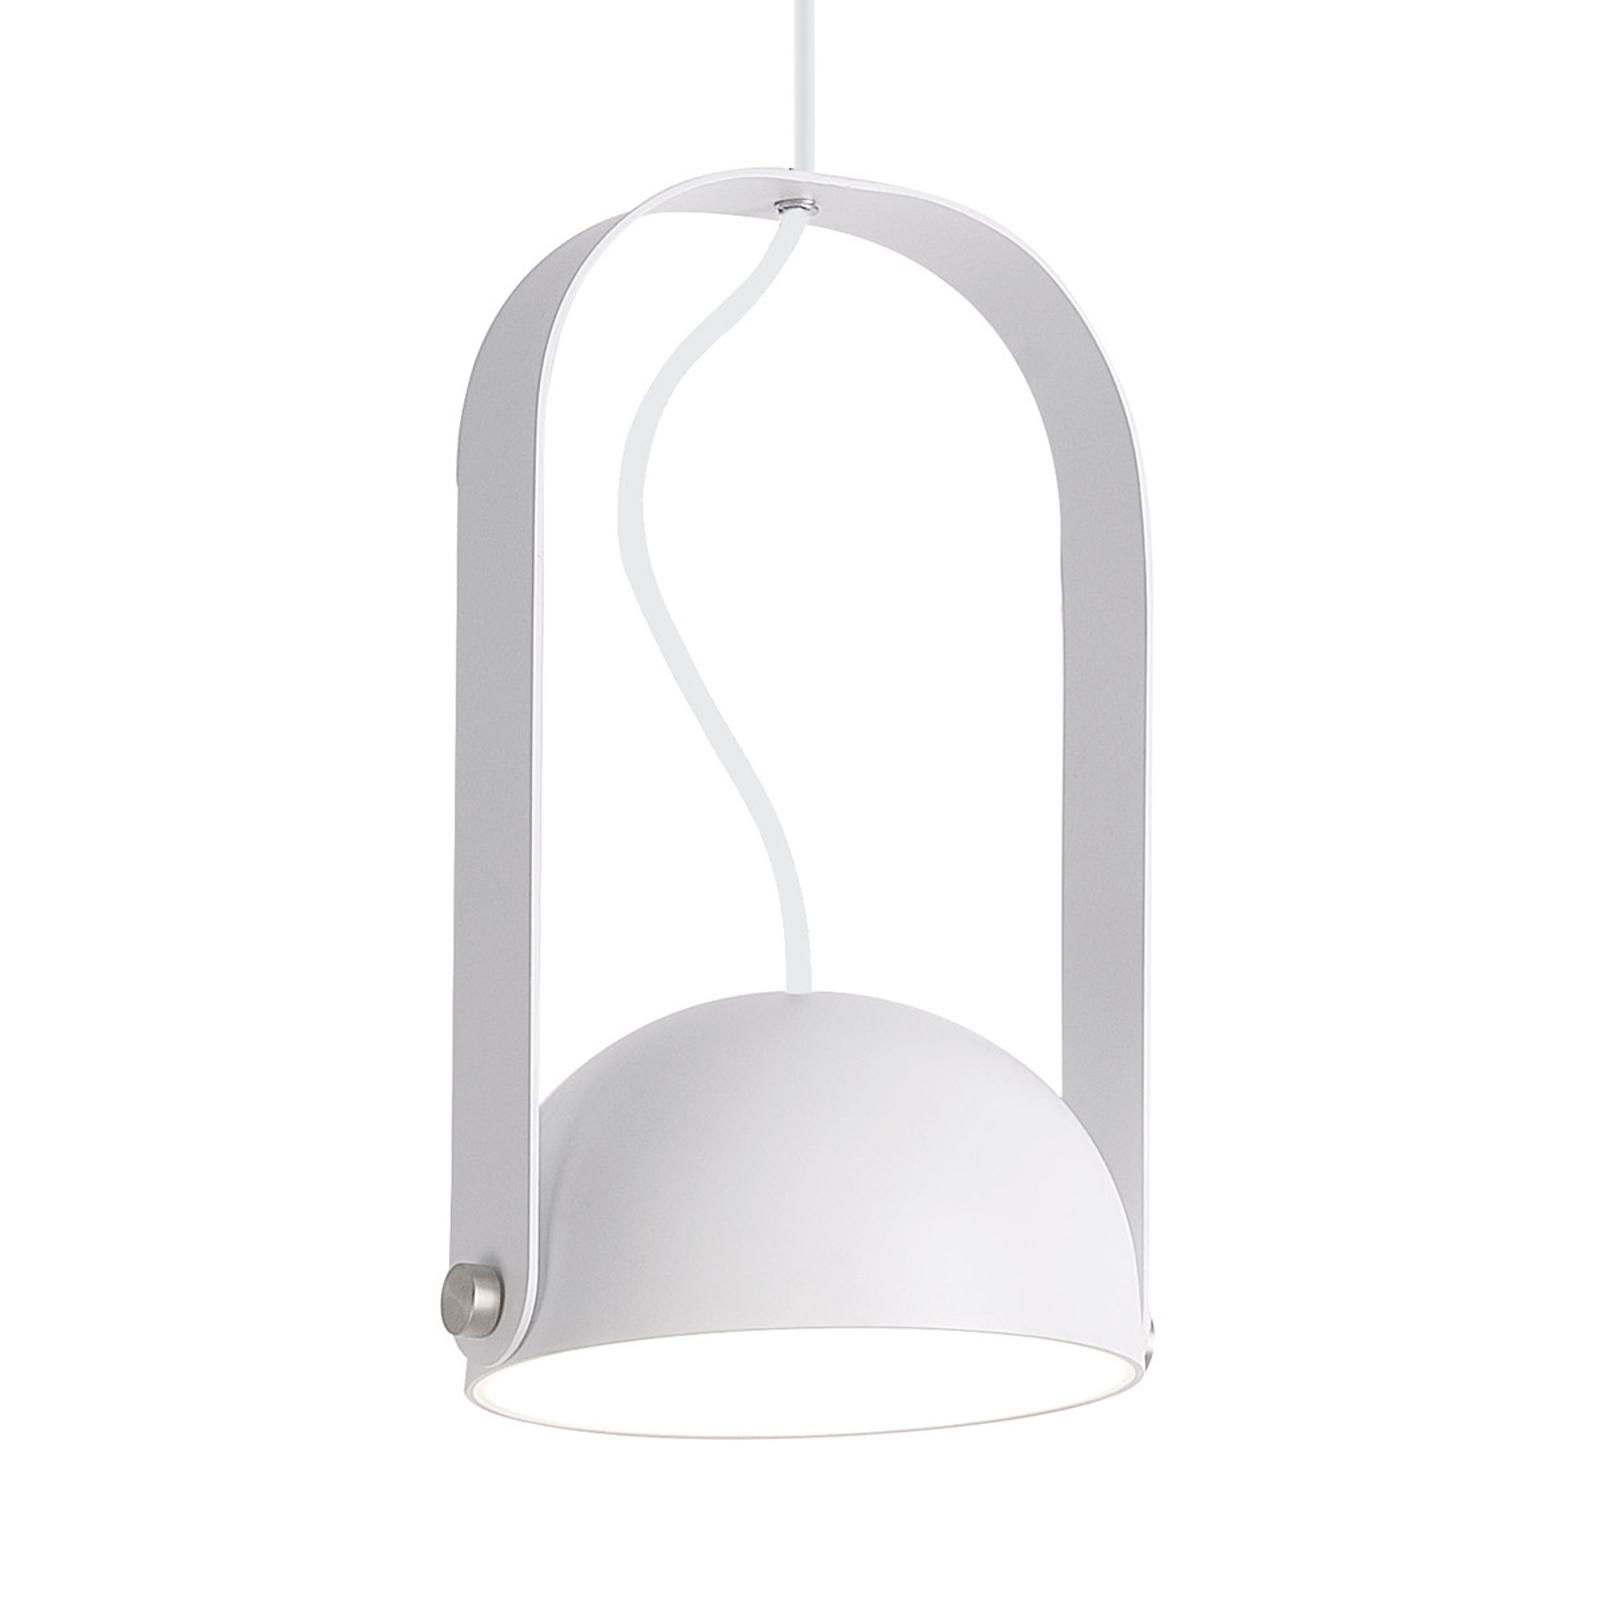 Lampa wisząca LED Hemi z wychylnym kloszem biała